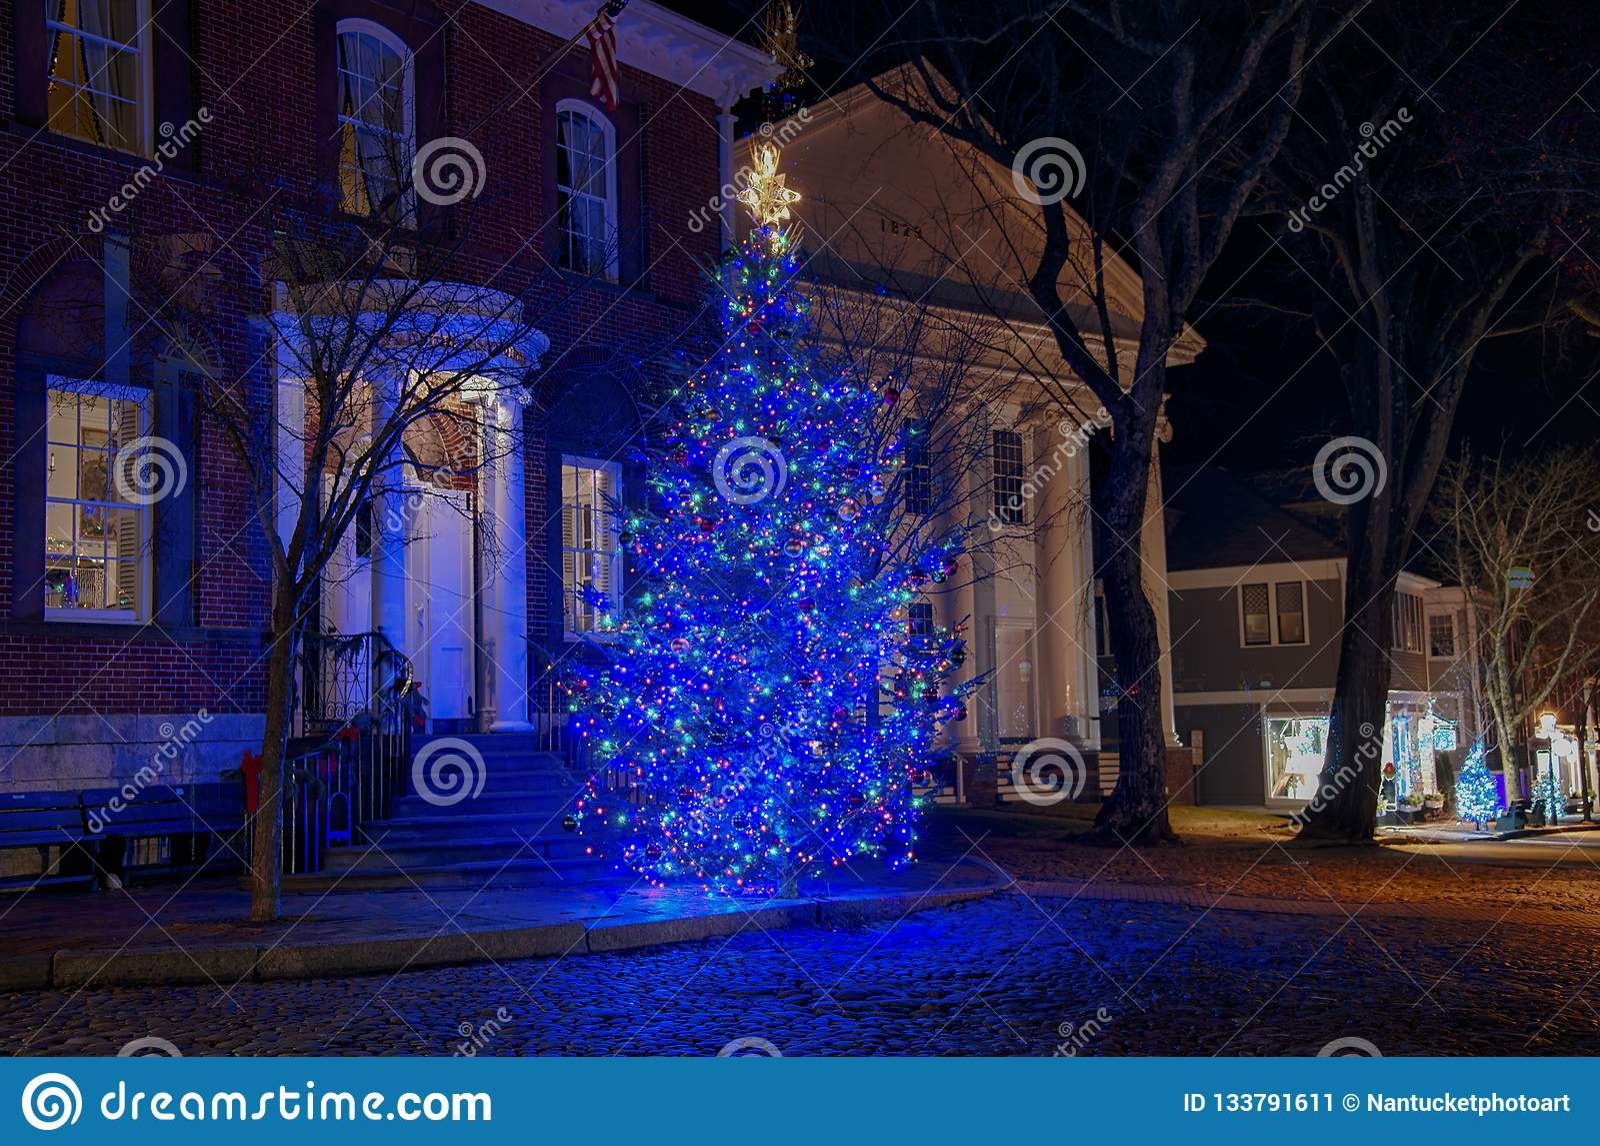 Nantucket-Weihnachten